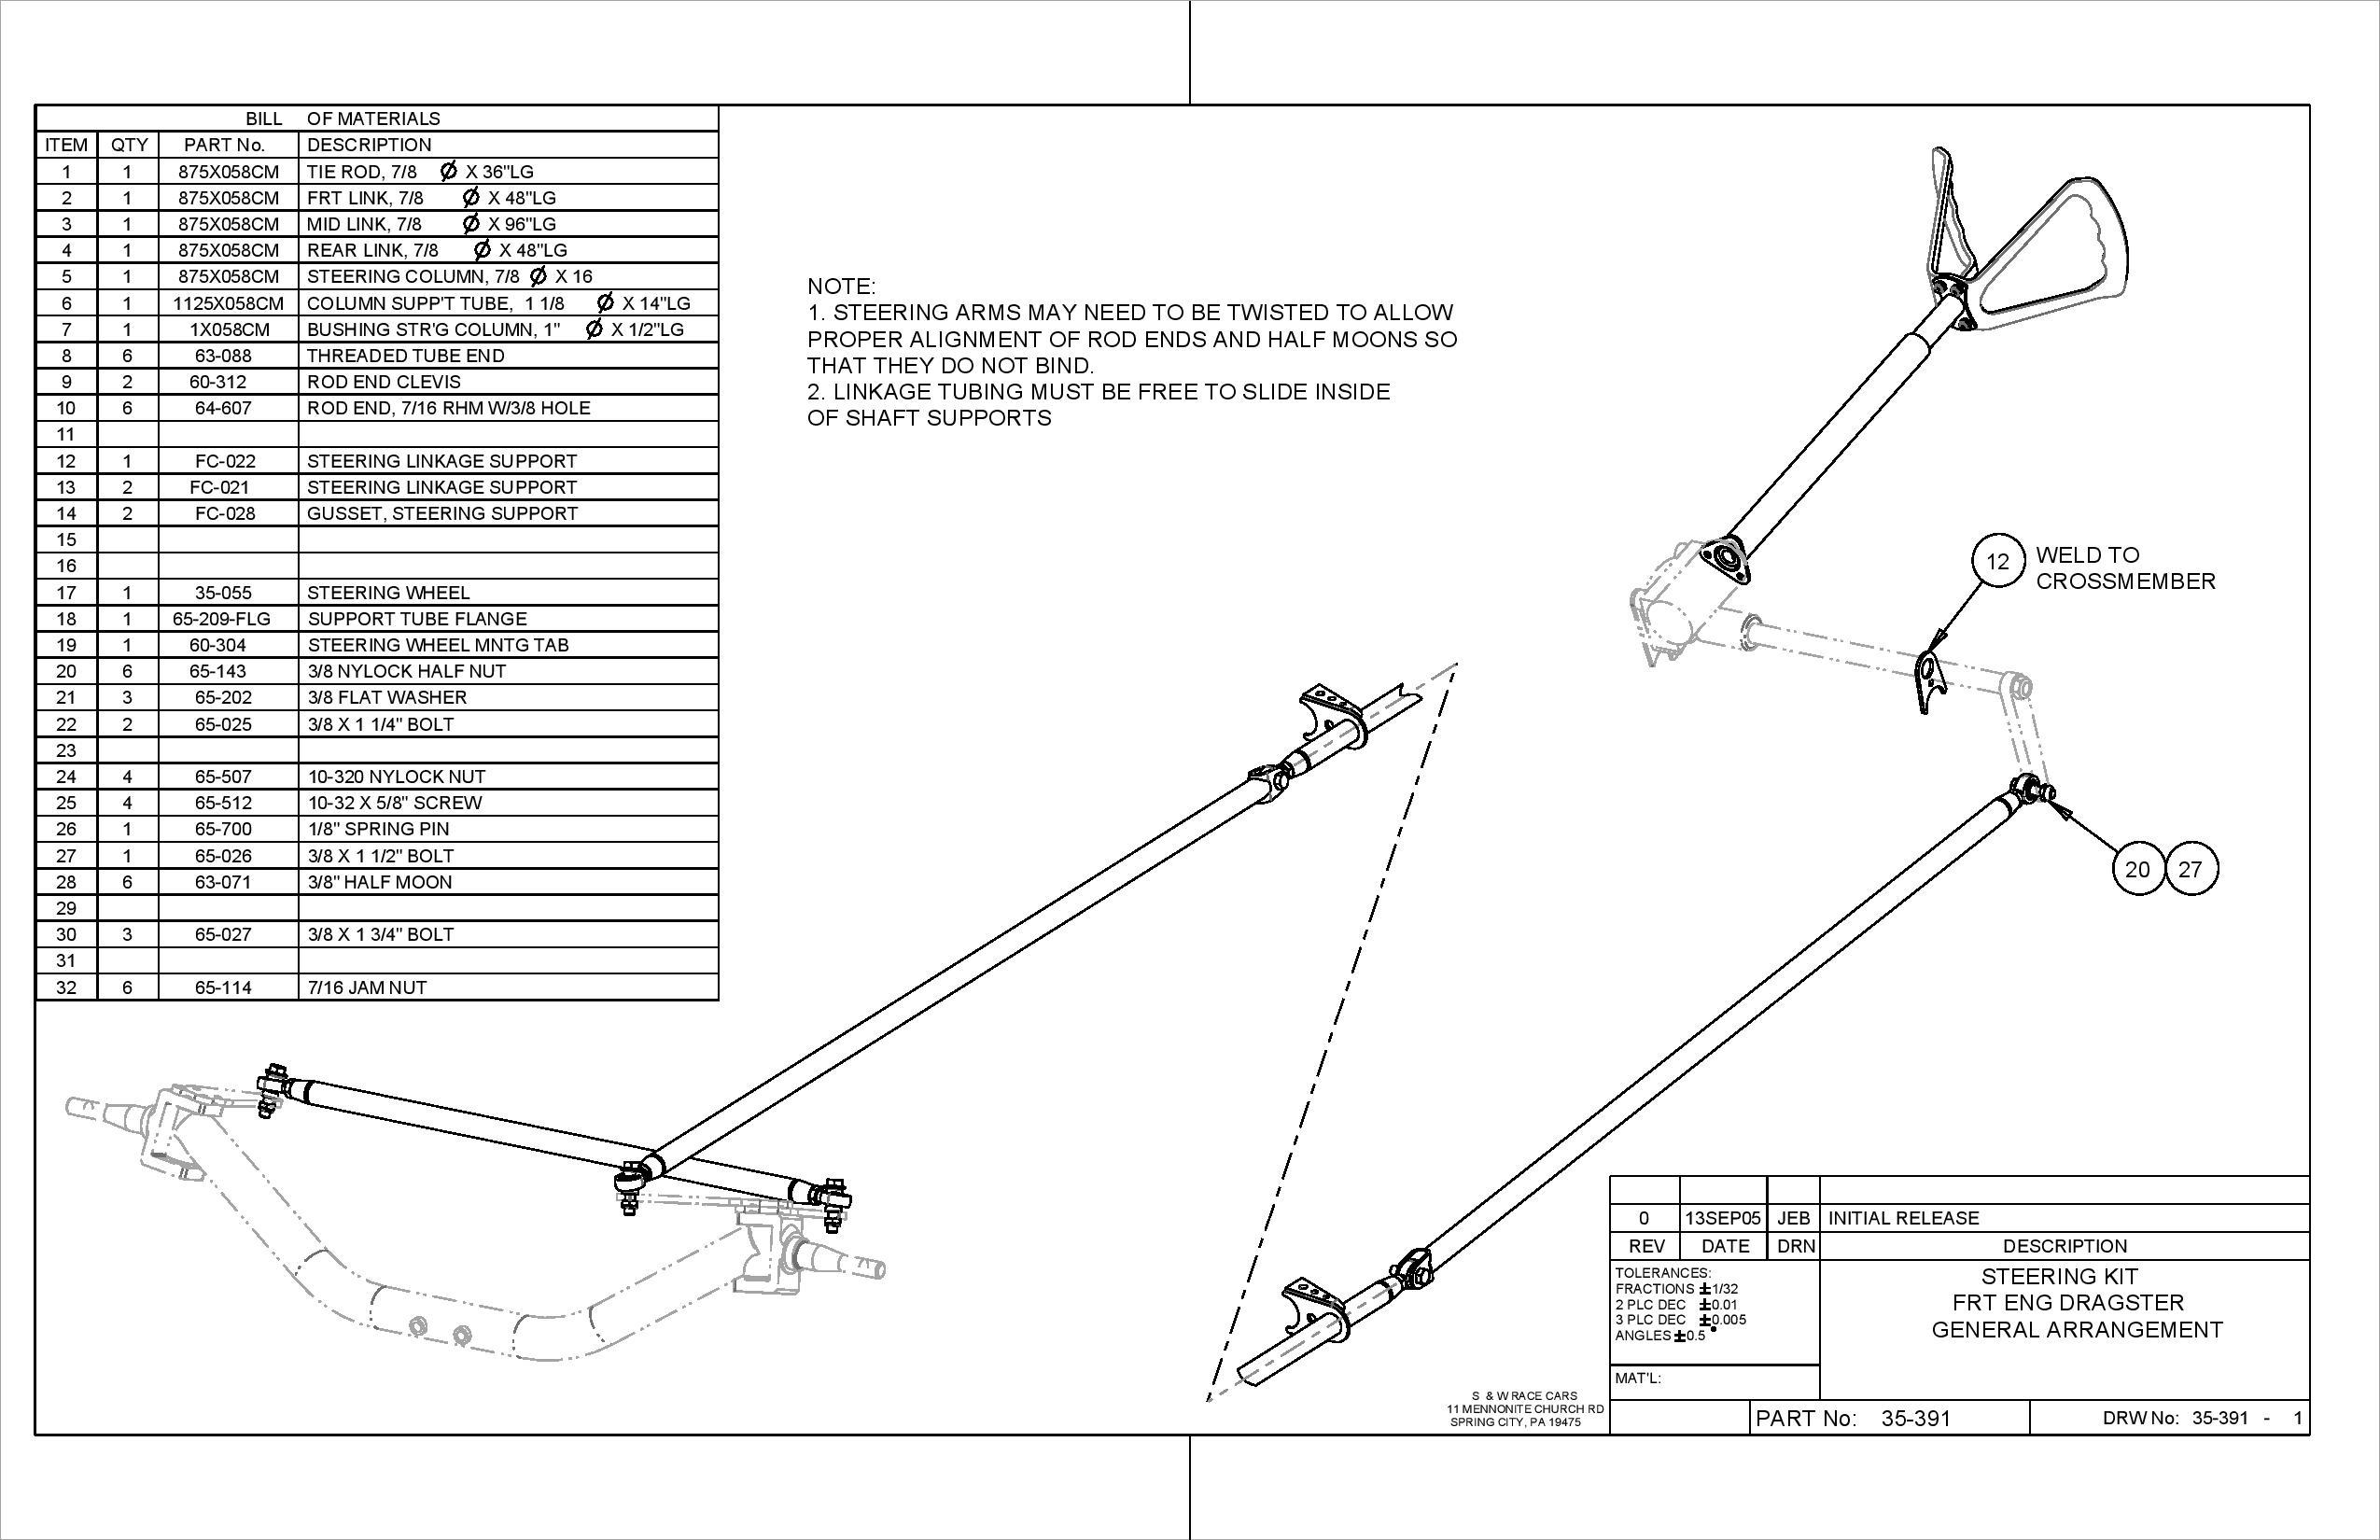 Steering Kit